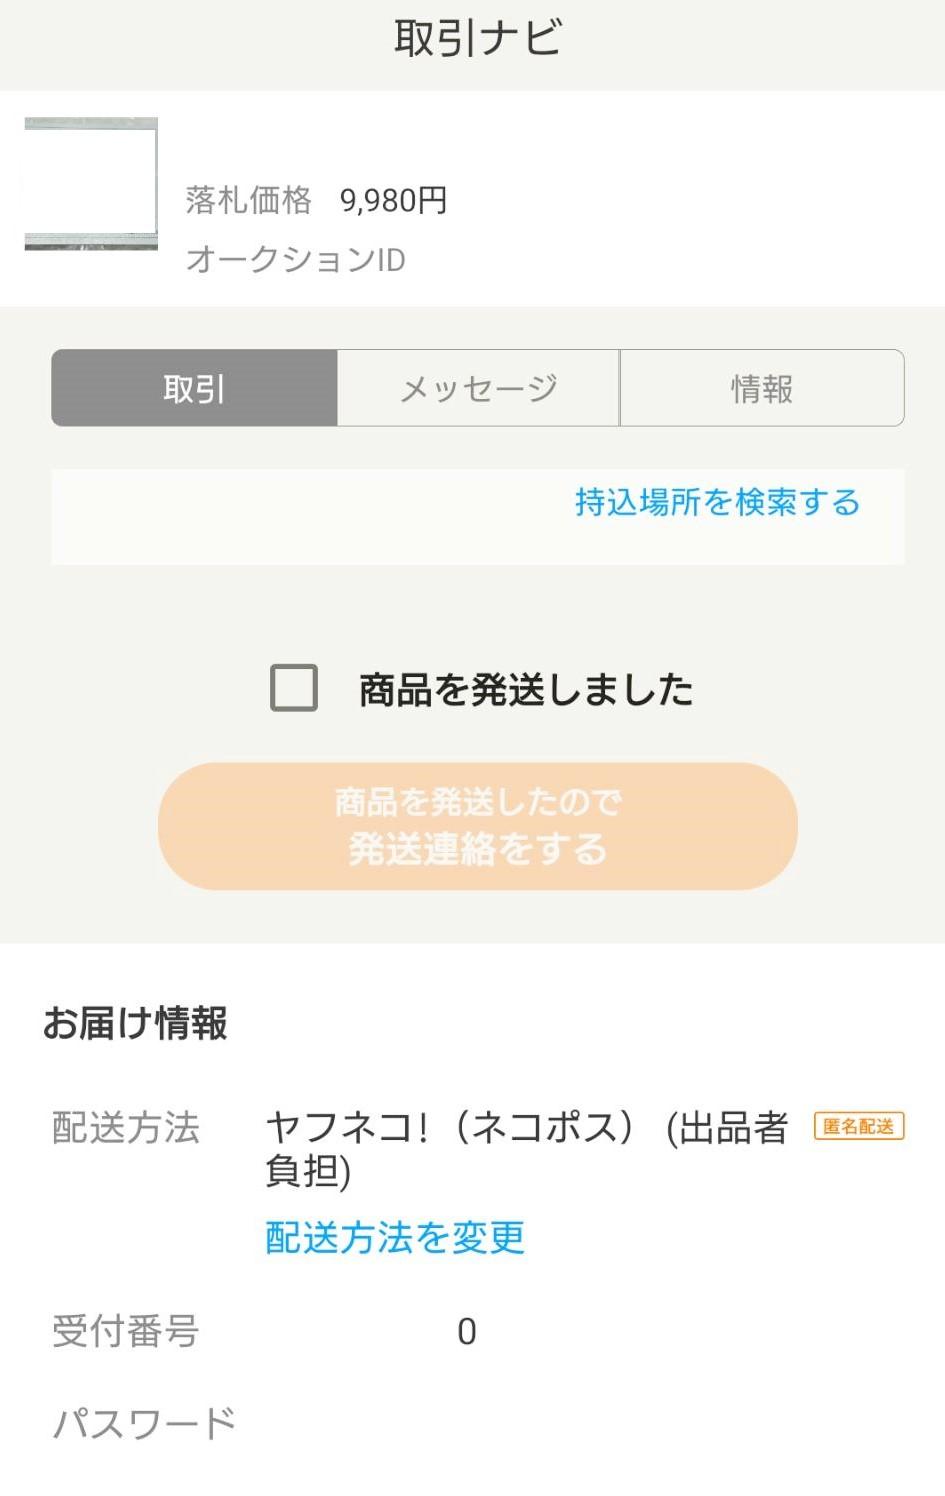 局 通知 e 届け 詐欺 お line 郵便